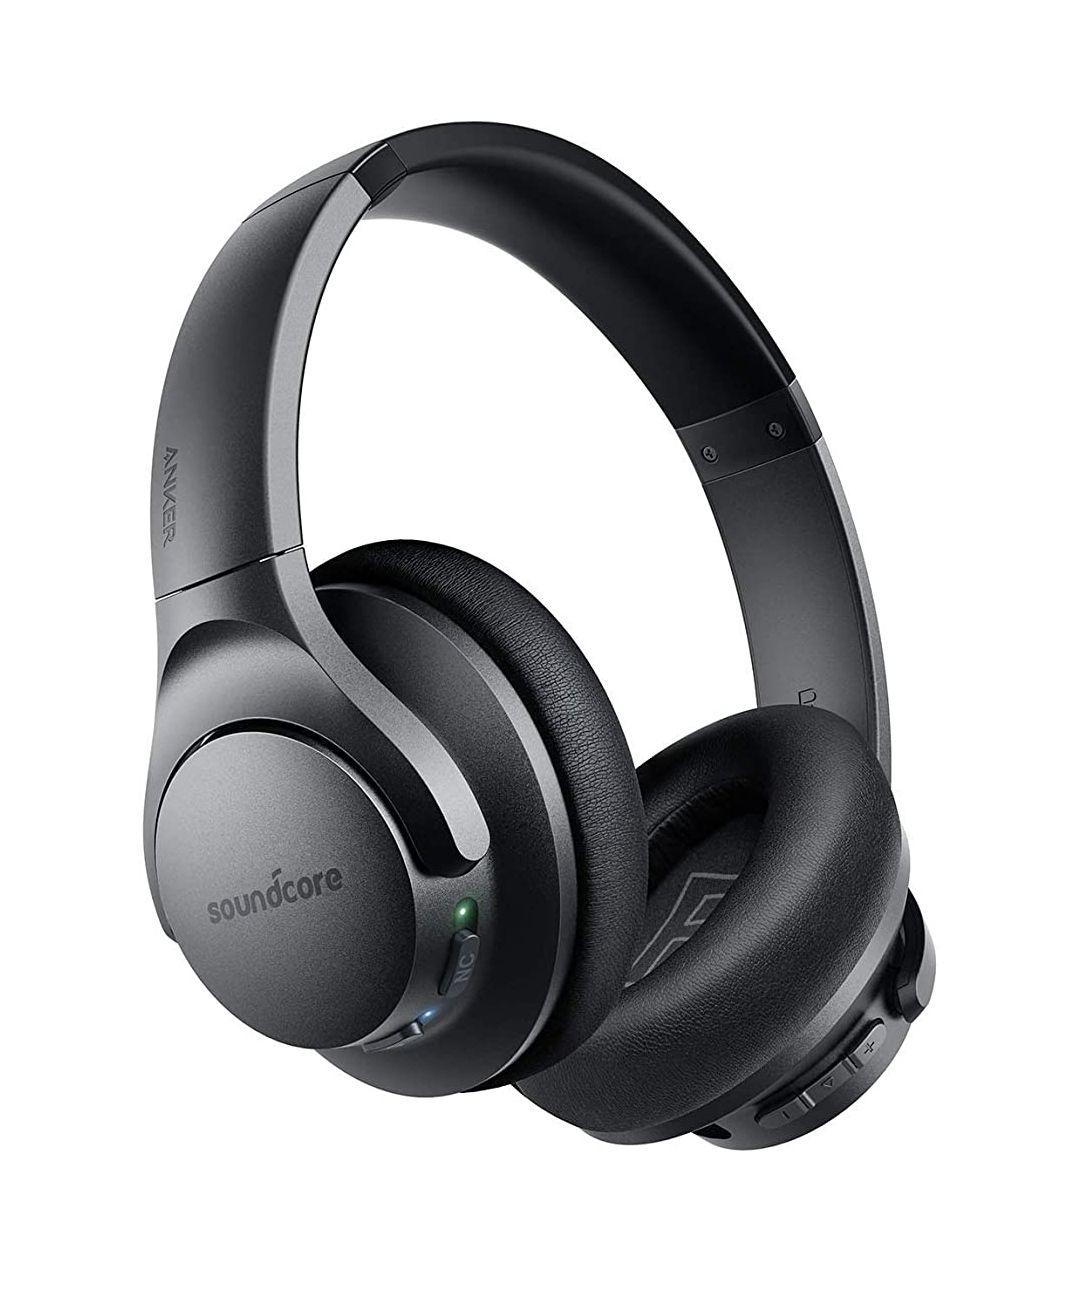 Amazon USA: Audífonos Soundcore Life Q20 ANC